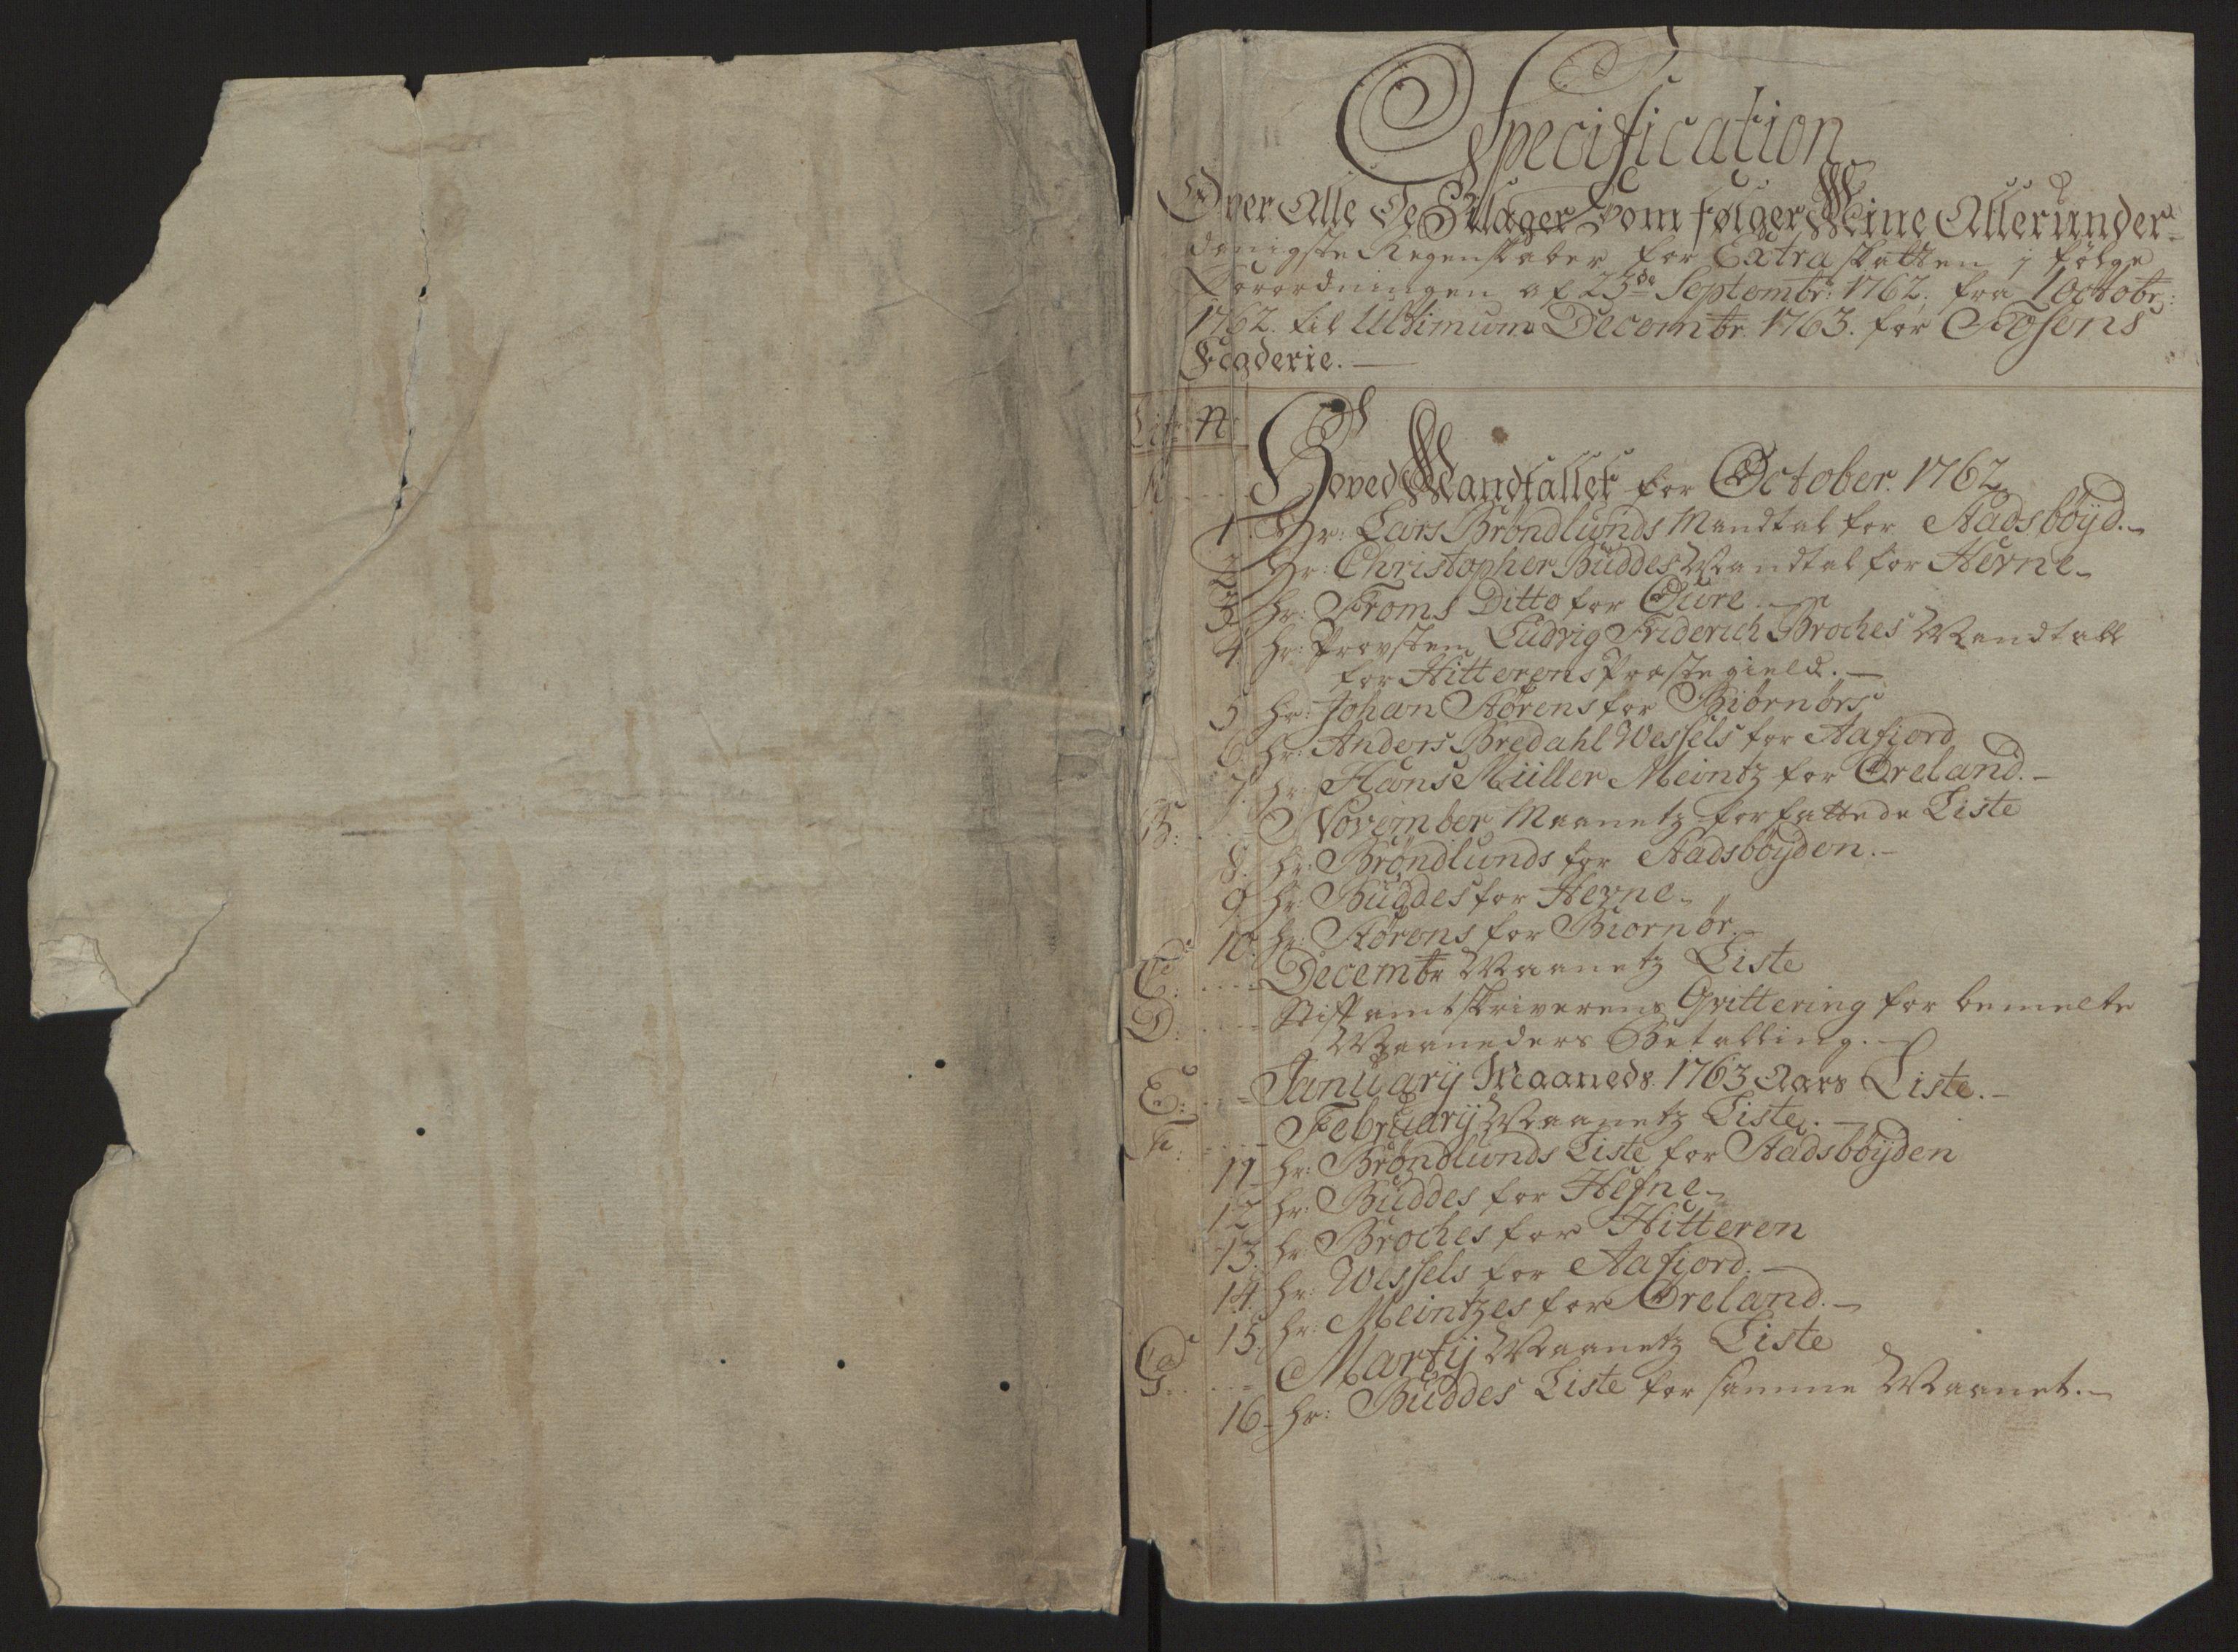 RA, Rentekammeret inntil 1814, Reviderte regnskaper, Fogderegnskap, R57/L3930: Ekstraskatten Fosen, 1762-1763, s. 14